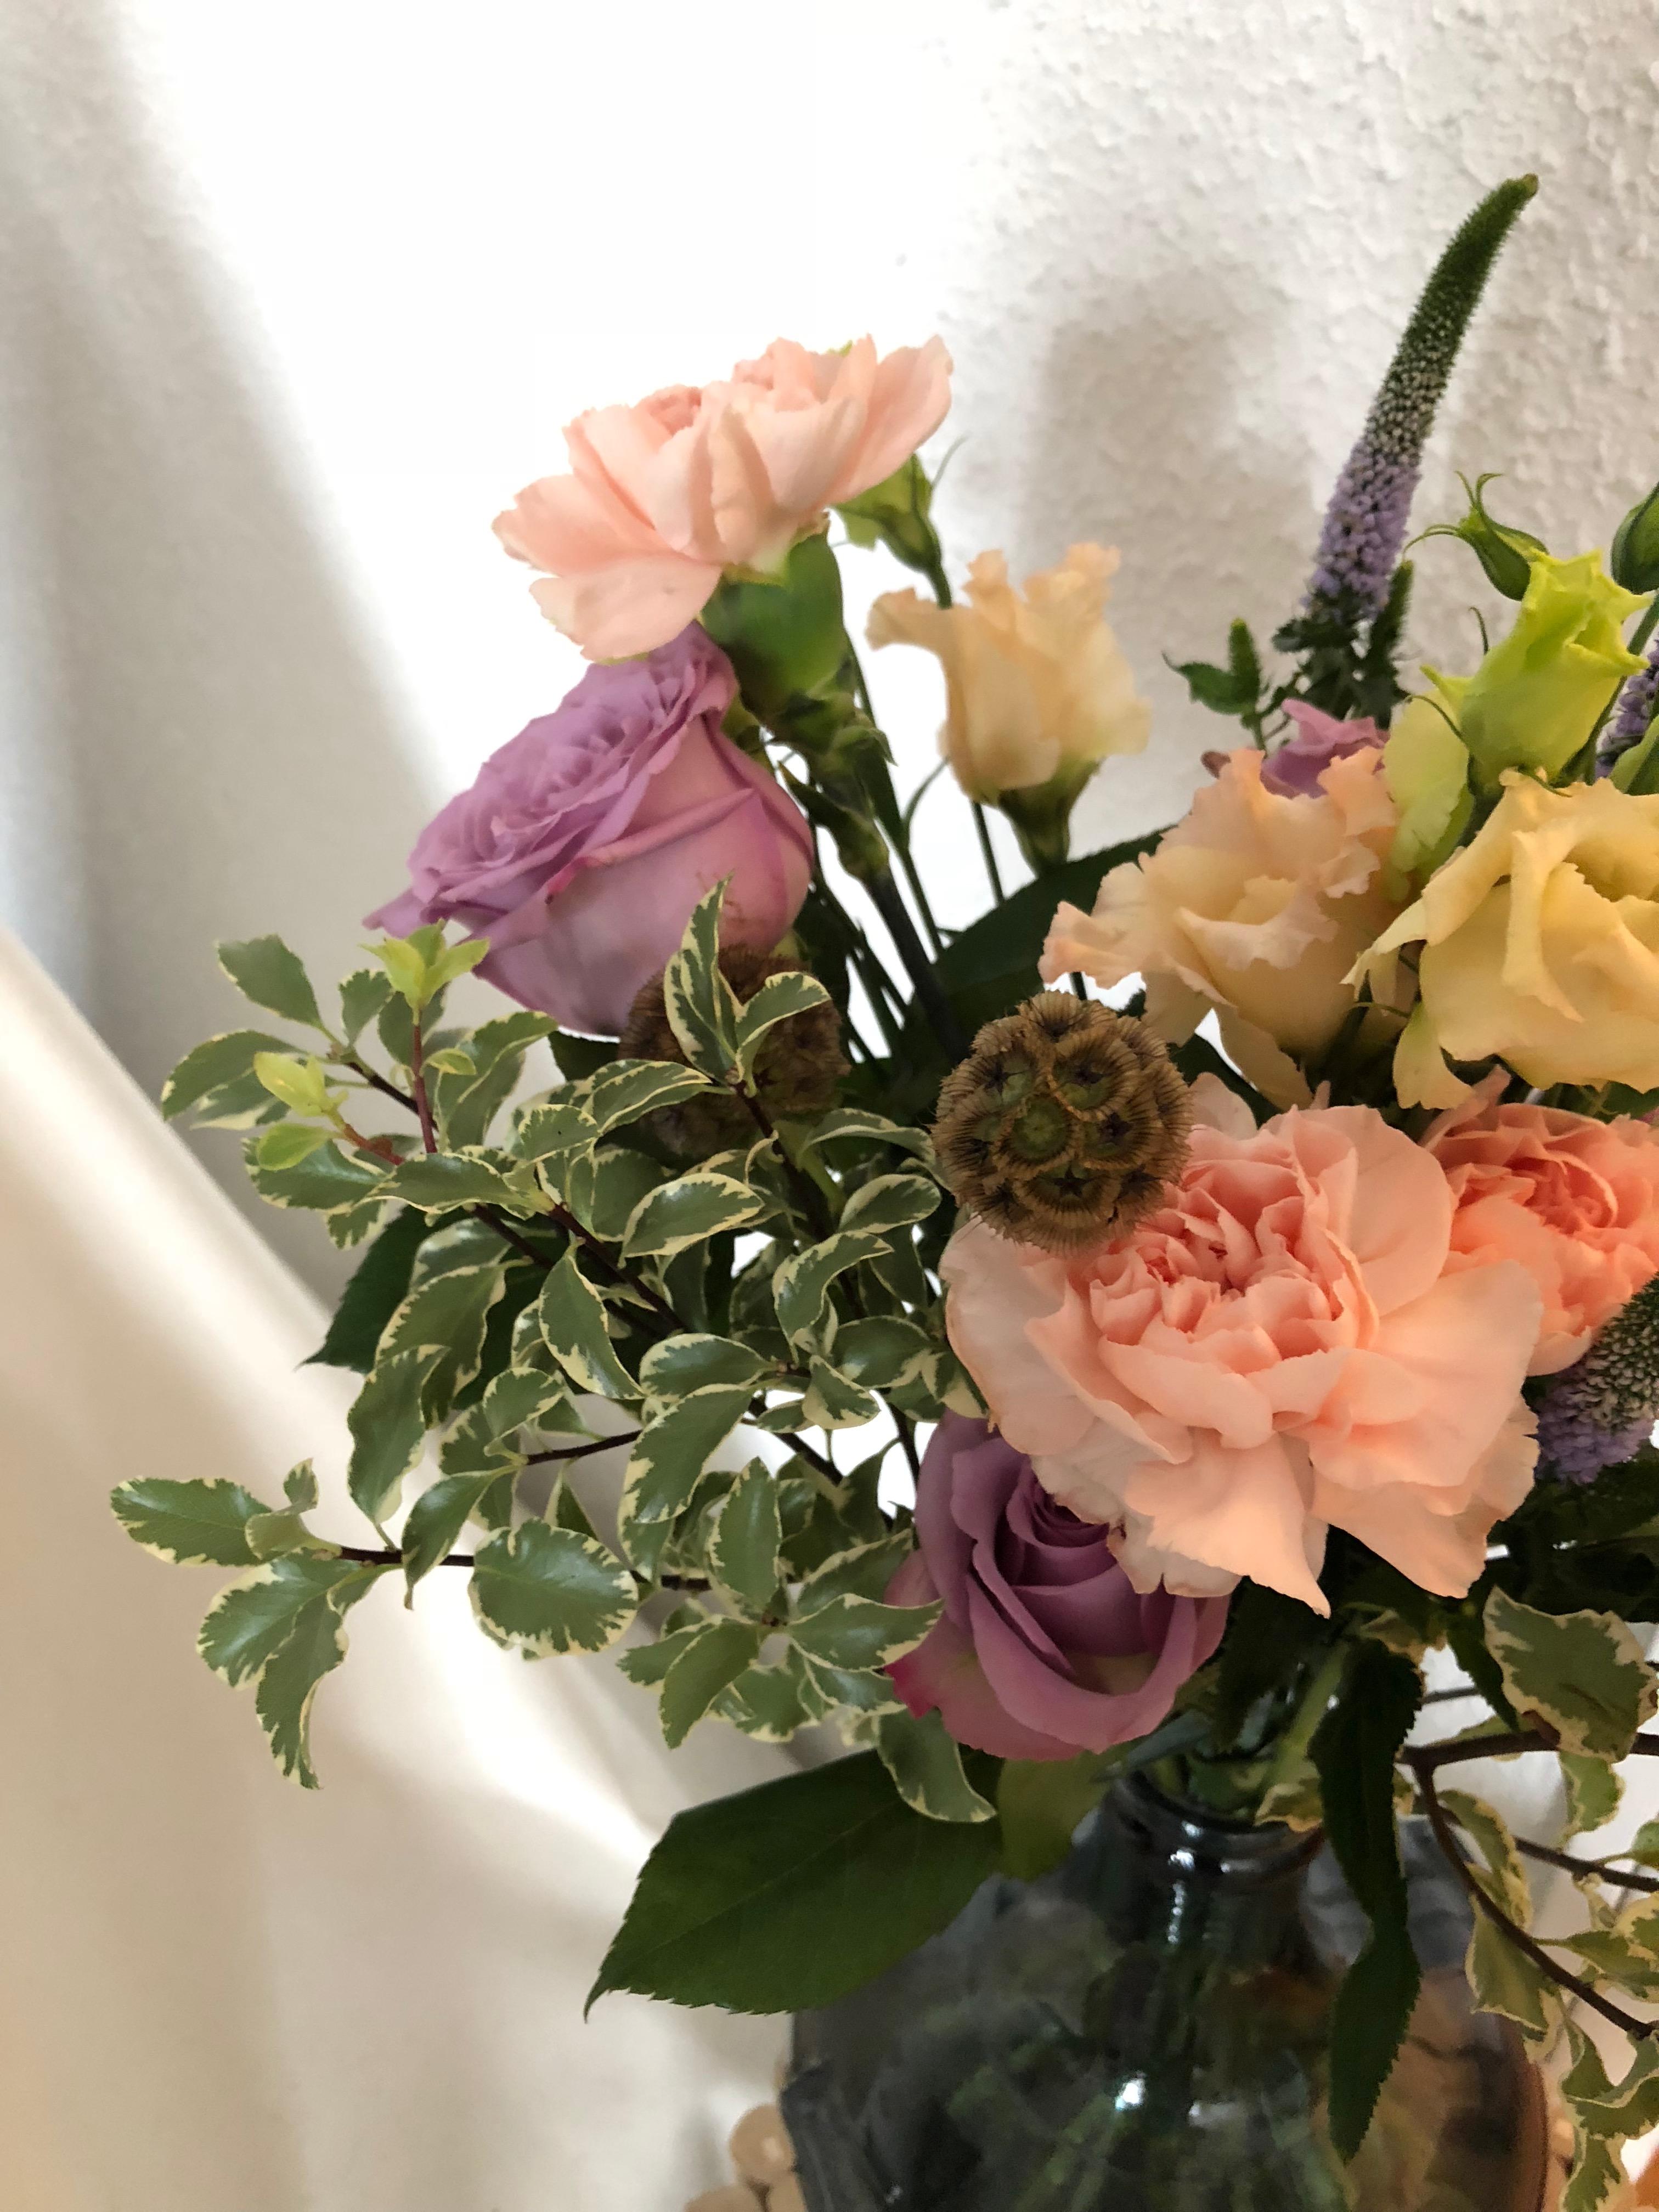 S 39 envoyer des fleurs all co for Envoyer bouquet fleurs